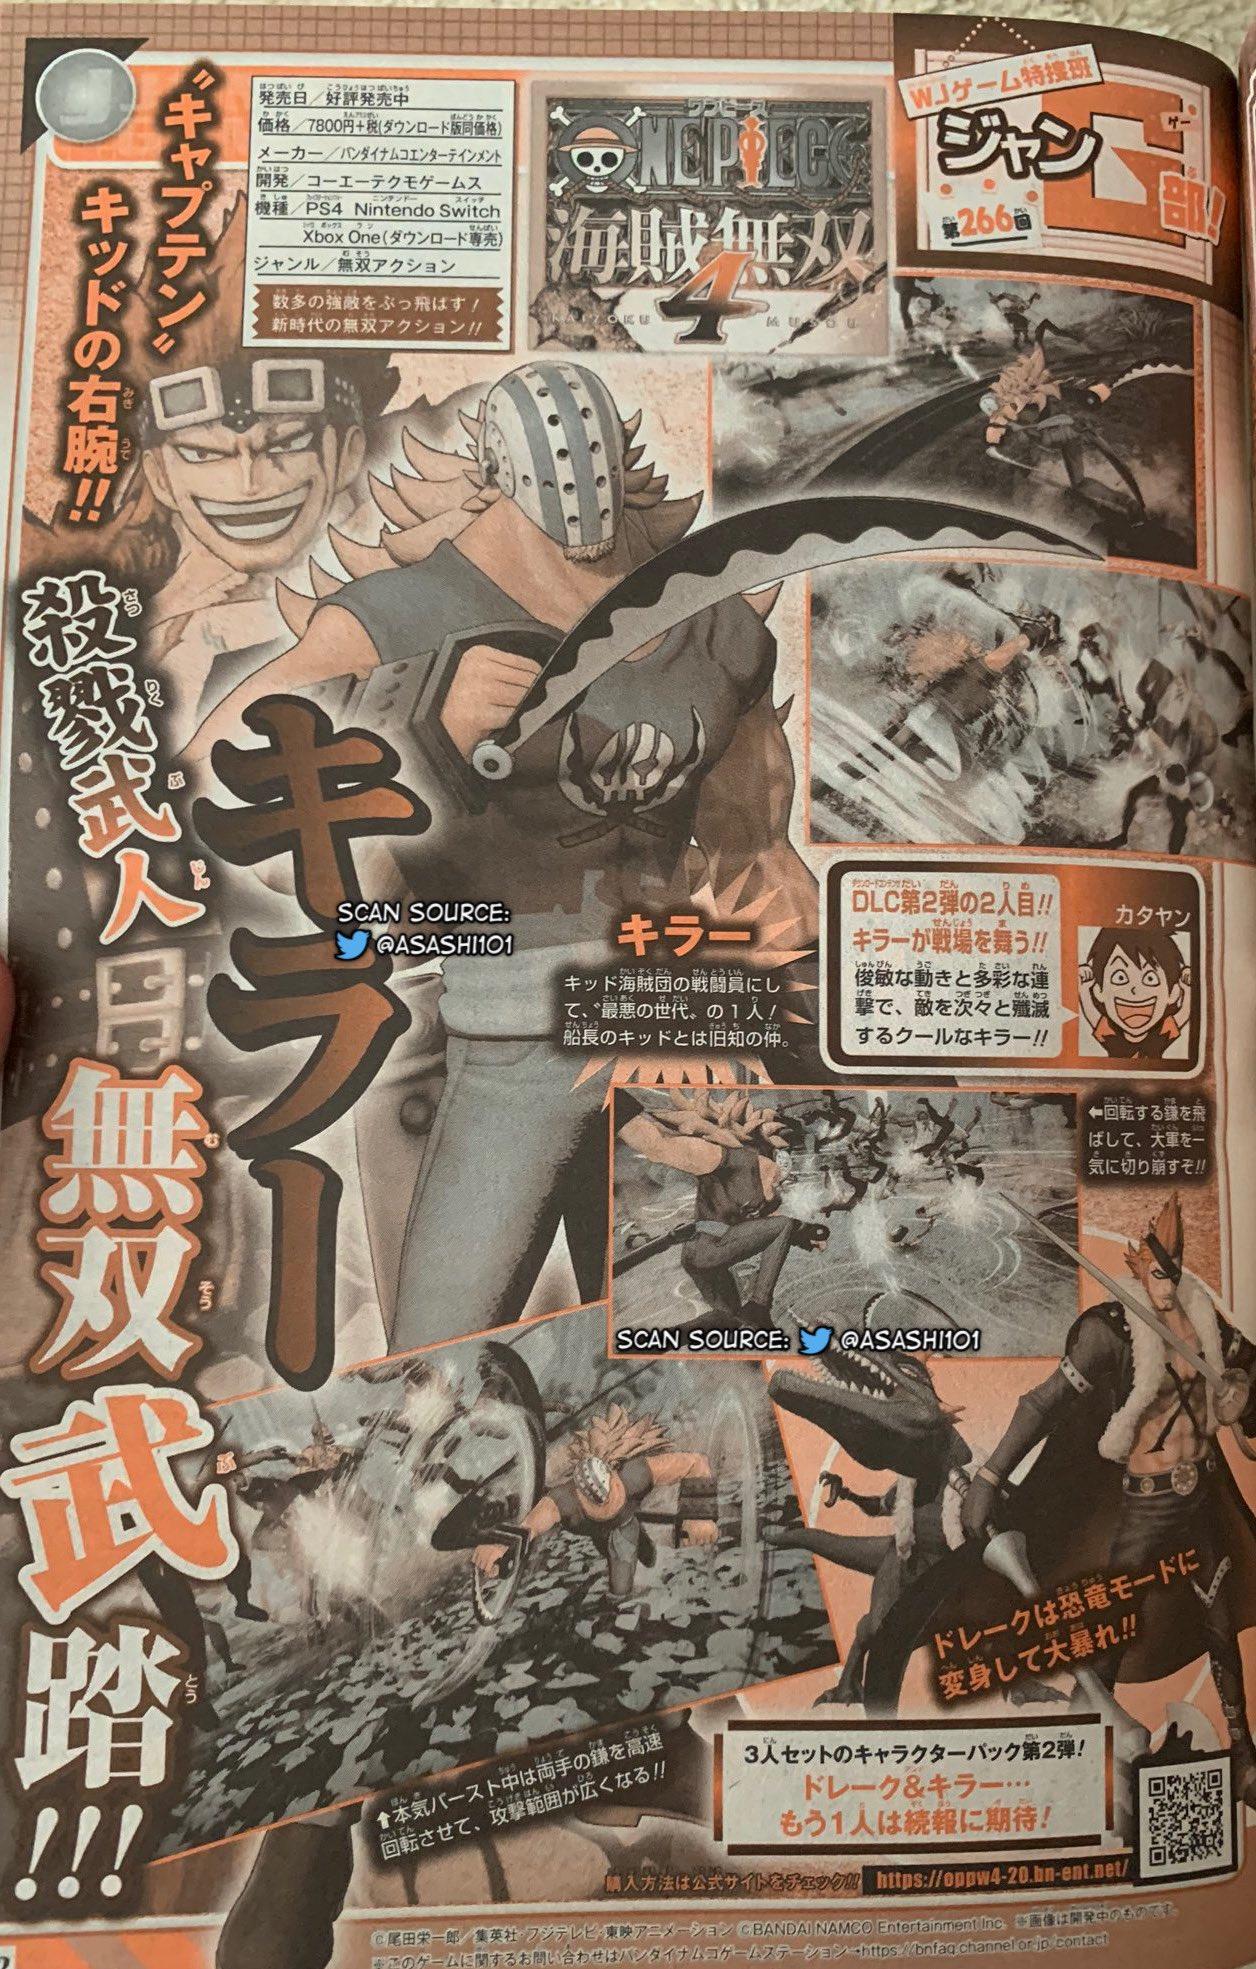 杀戮武士基拉将作为DLC角色加入《海贼无双4》